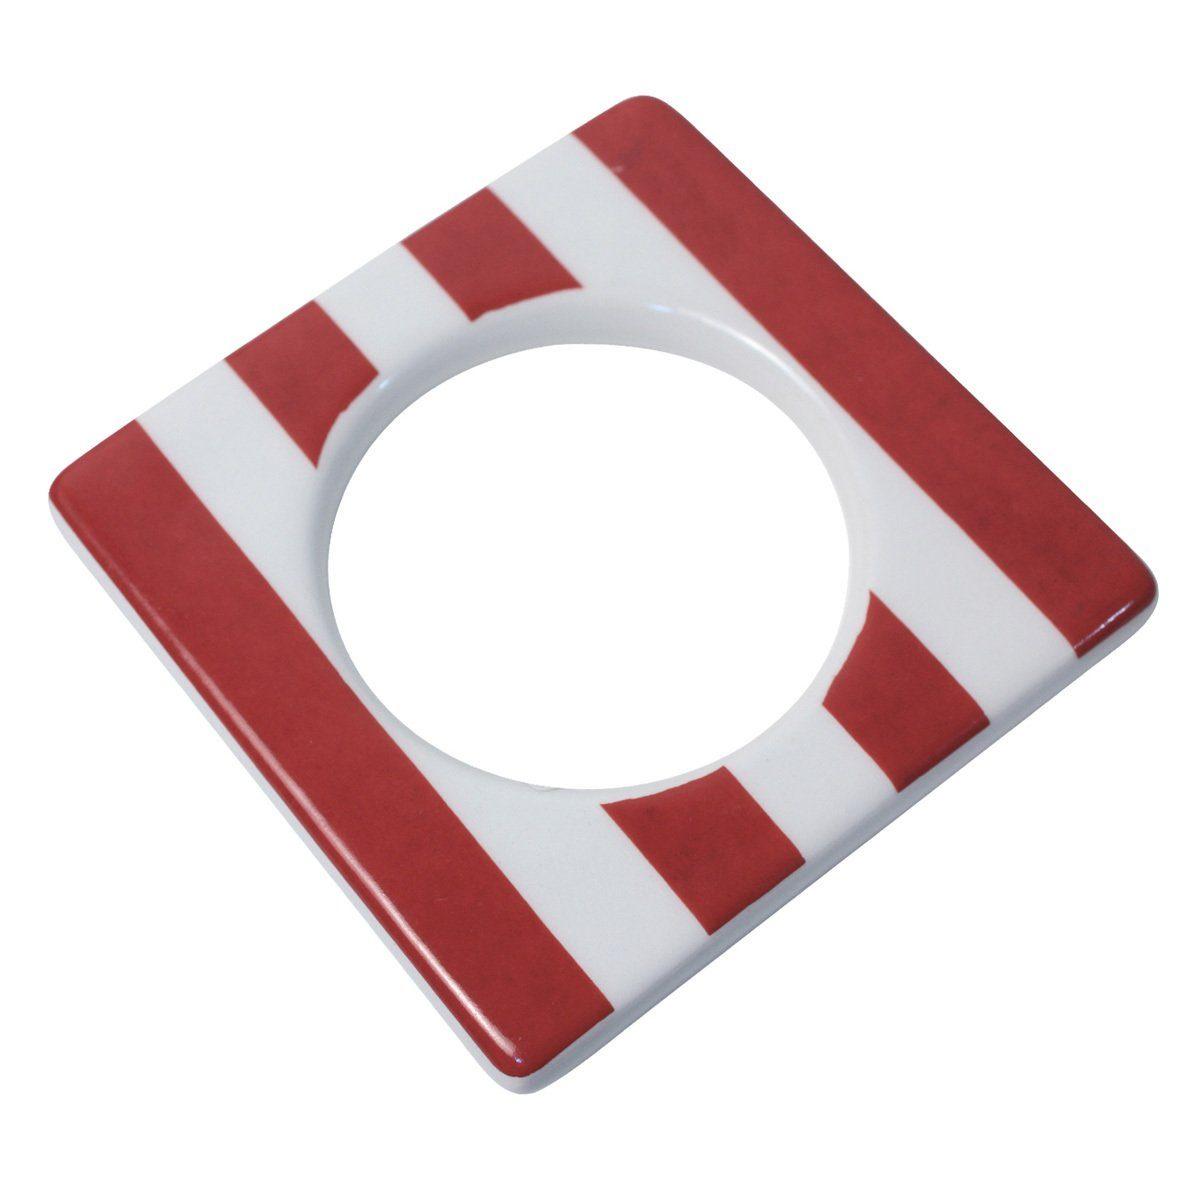 CULTDESIGN Cult Design Manschette für Teelichthalter rot-weiß-gestreift